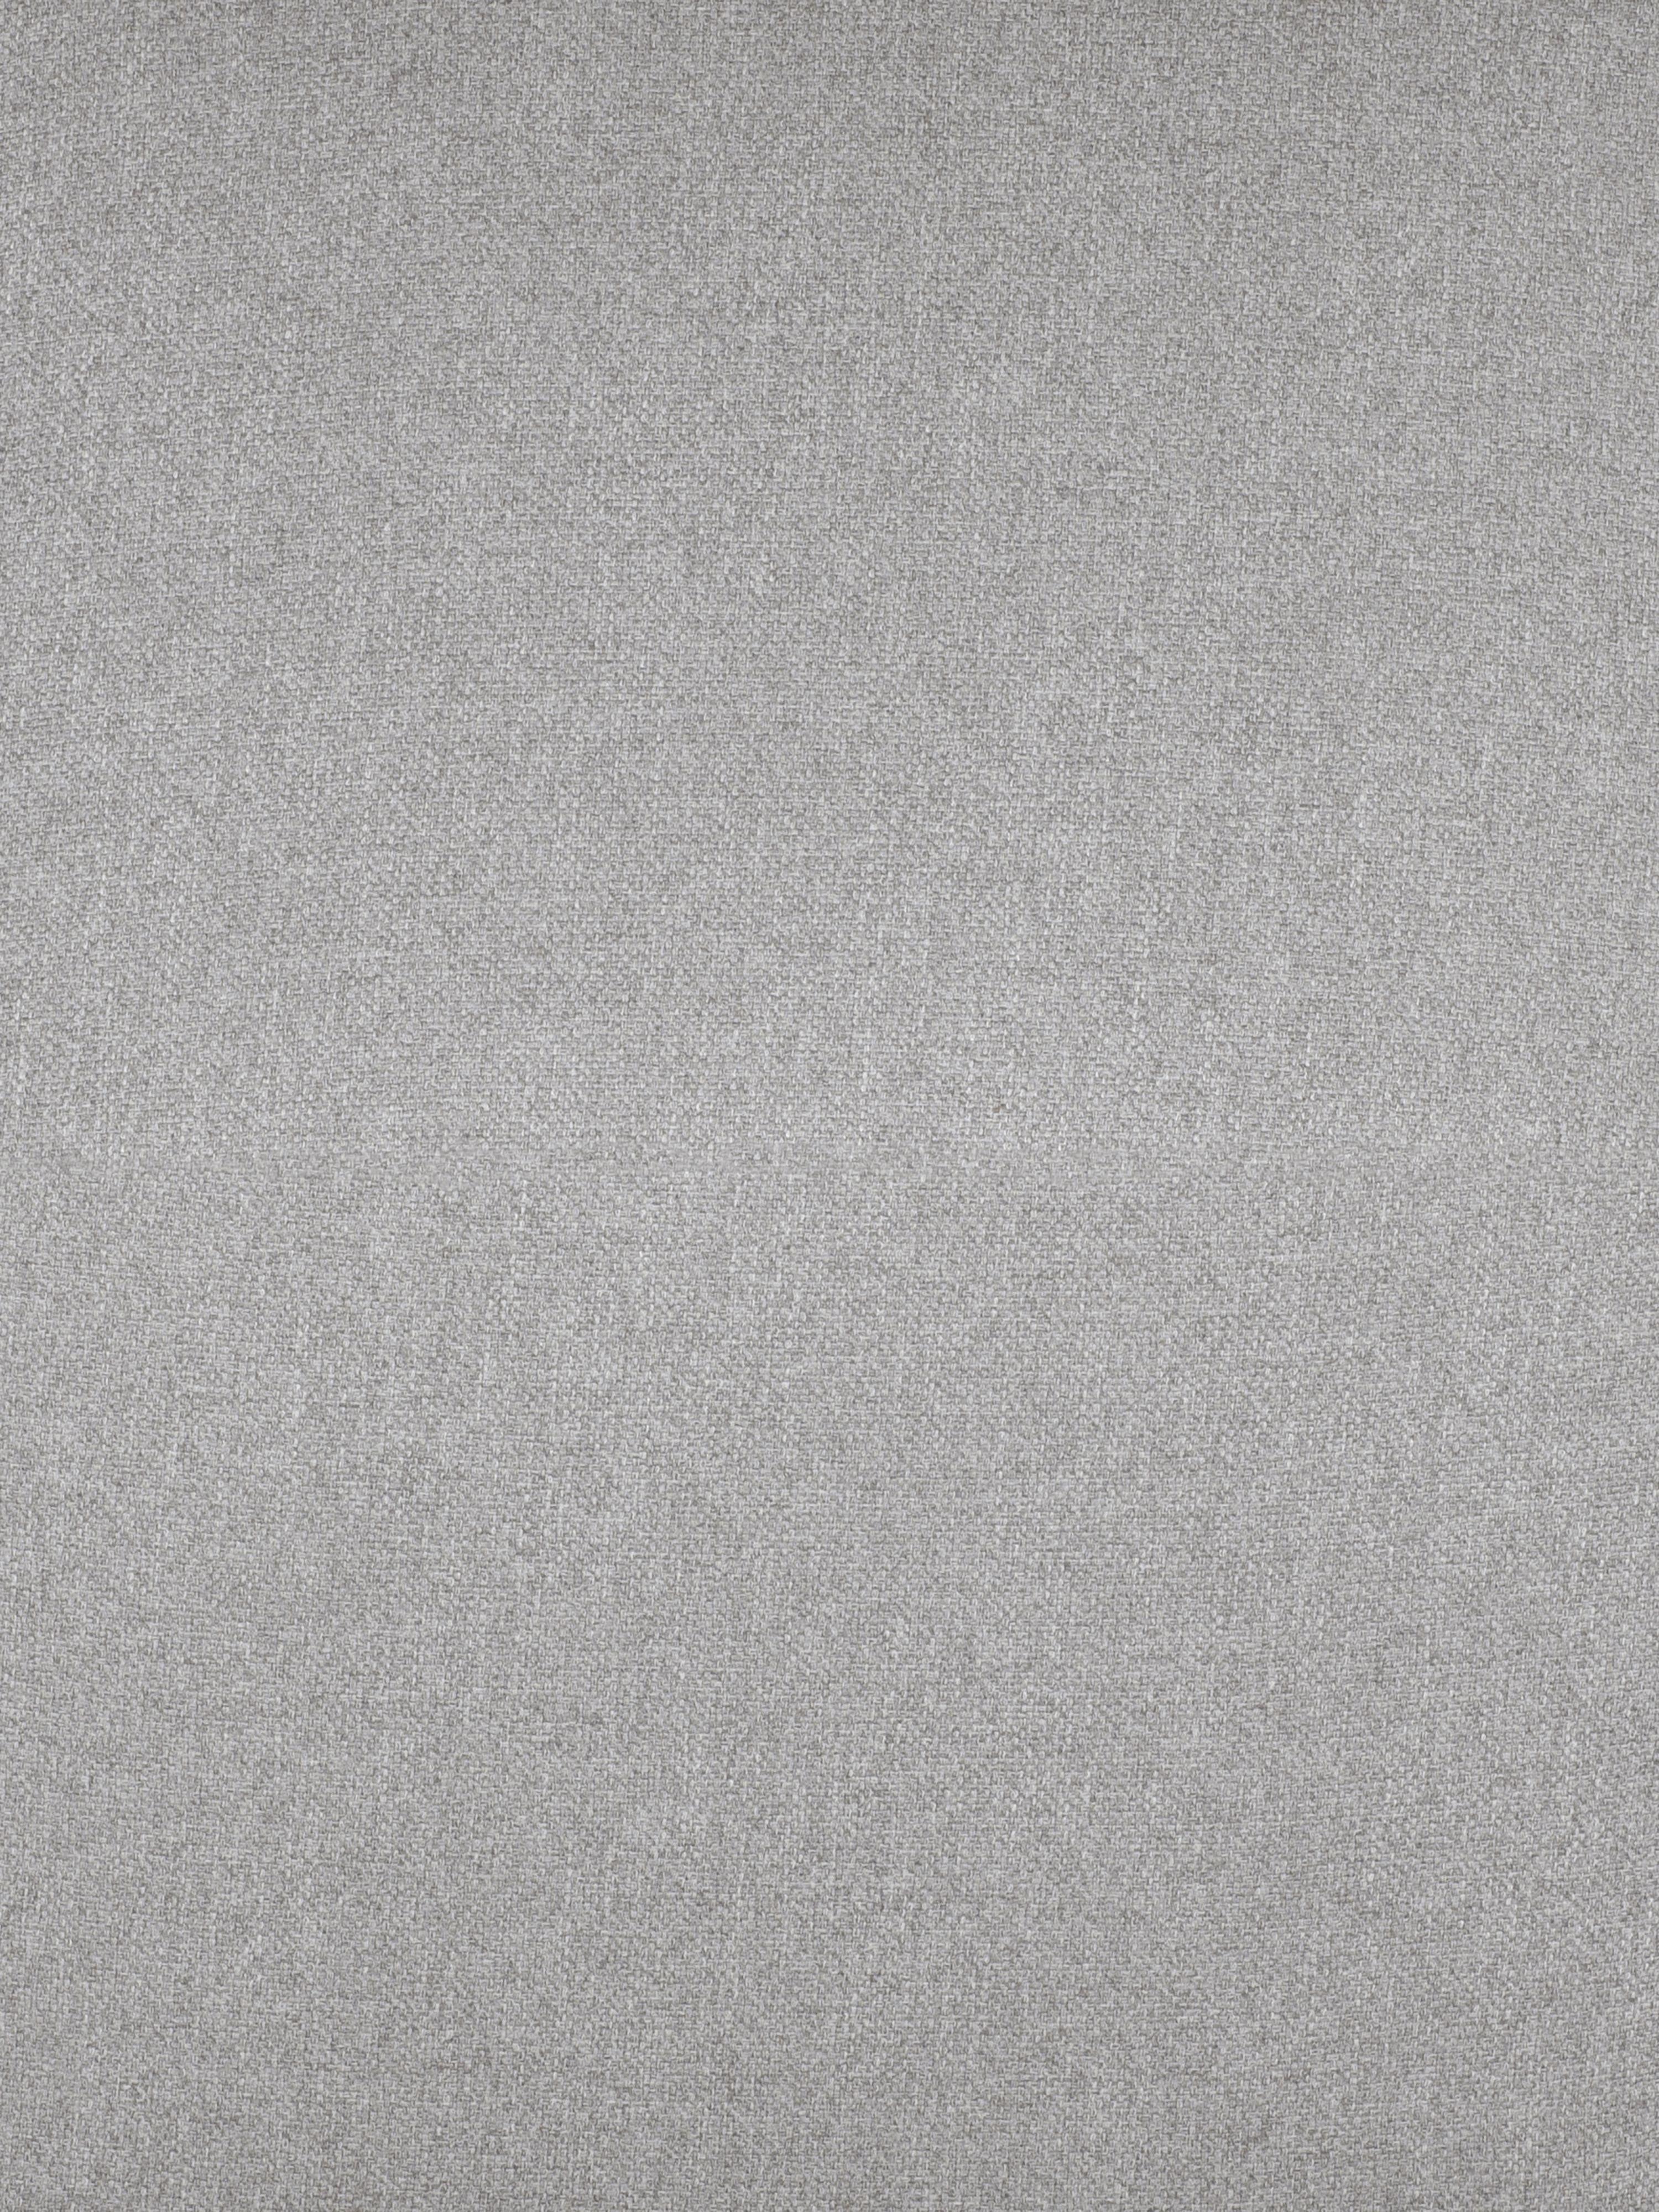 Sofá rinconero Fluente, Tapizado: 80%poliéster, 20%ramio , Estructura: madera de pino maciza, Patas: metal con pintura en polv, Tejido gris claro, An 221 x F 200 cm